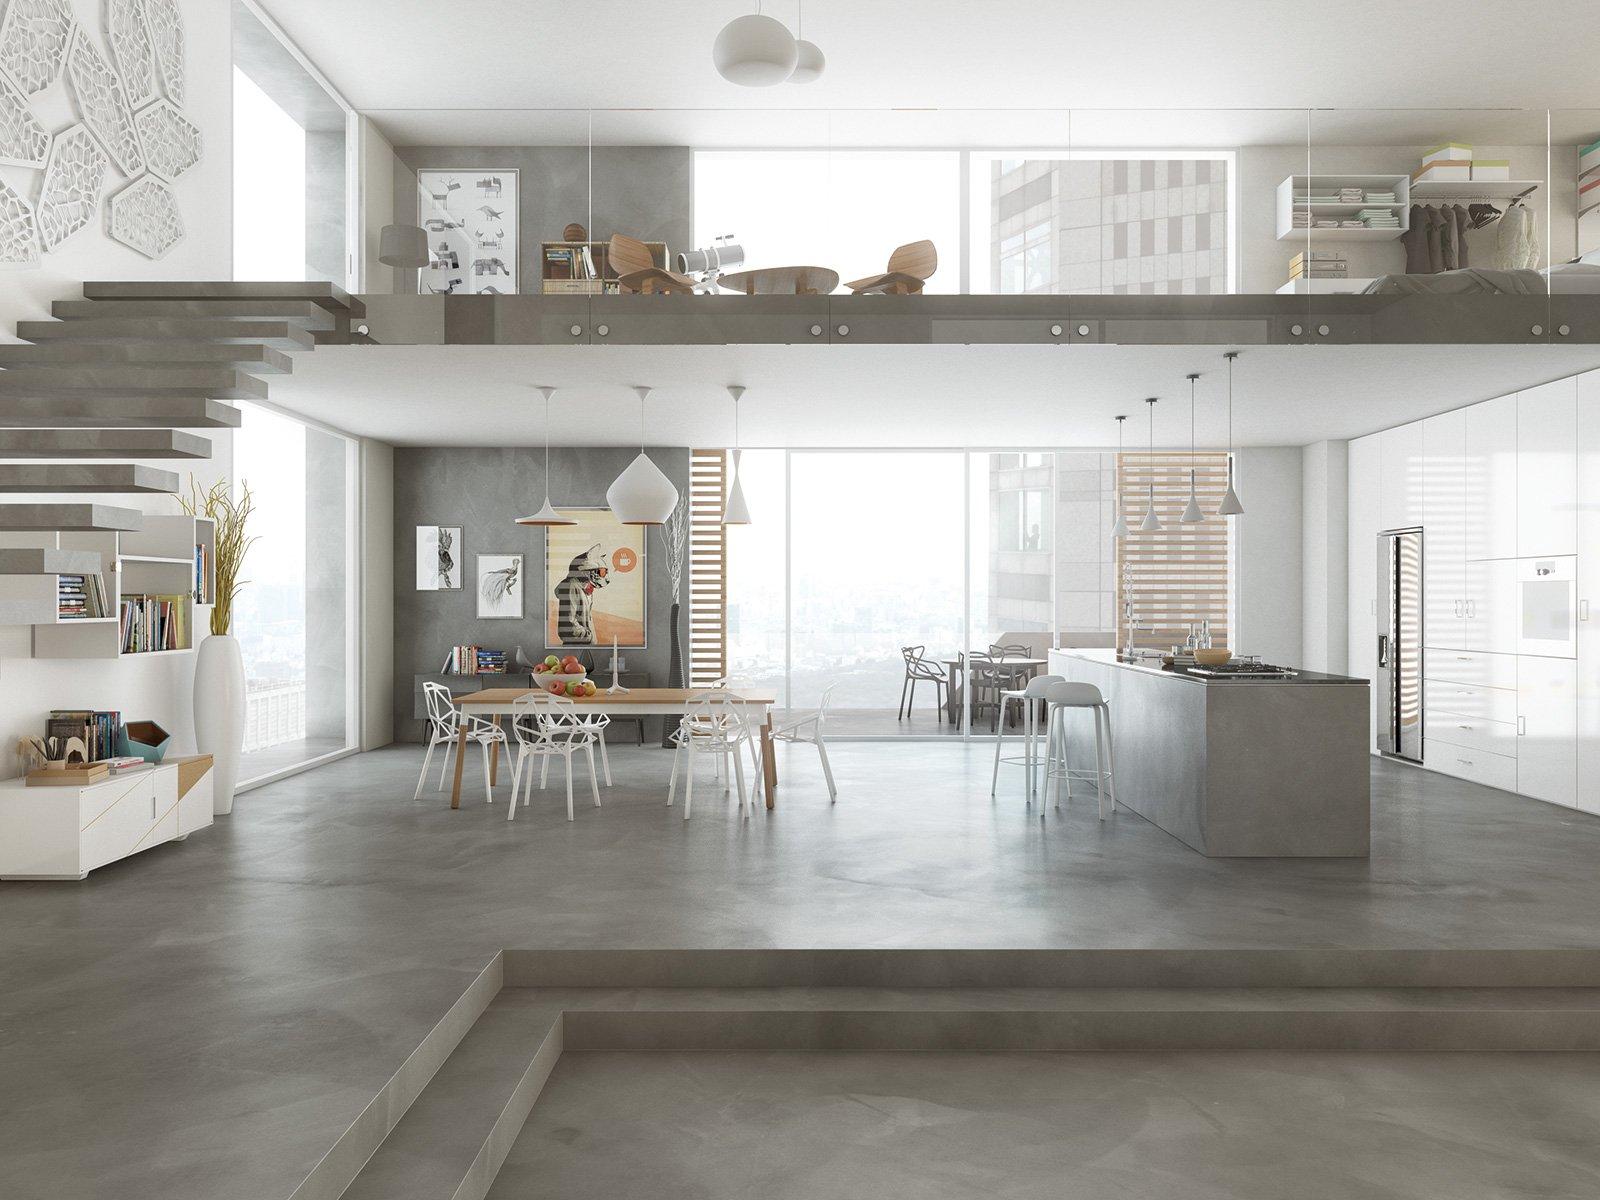 Resina rivestimenti per pavimenti pareti piani di for Piani di casa con design loft